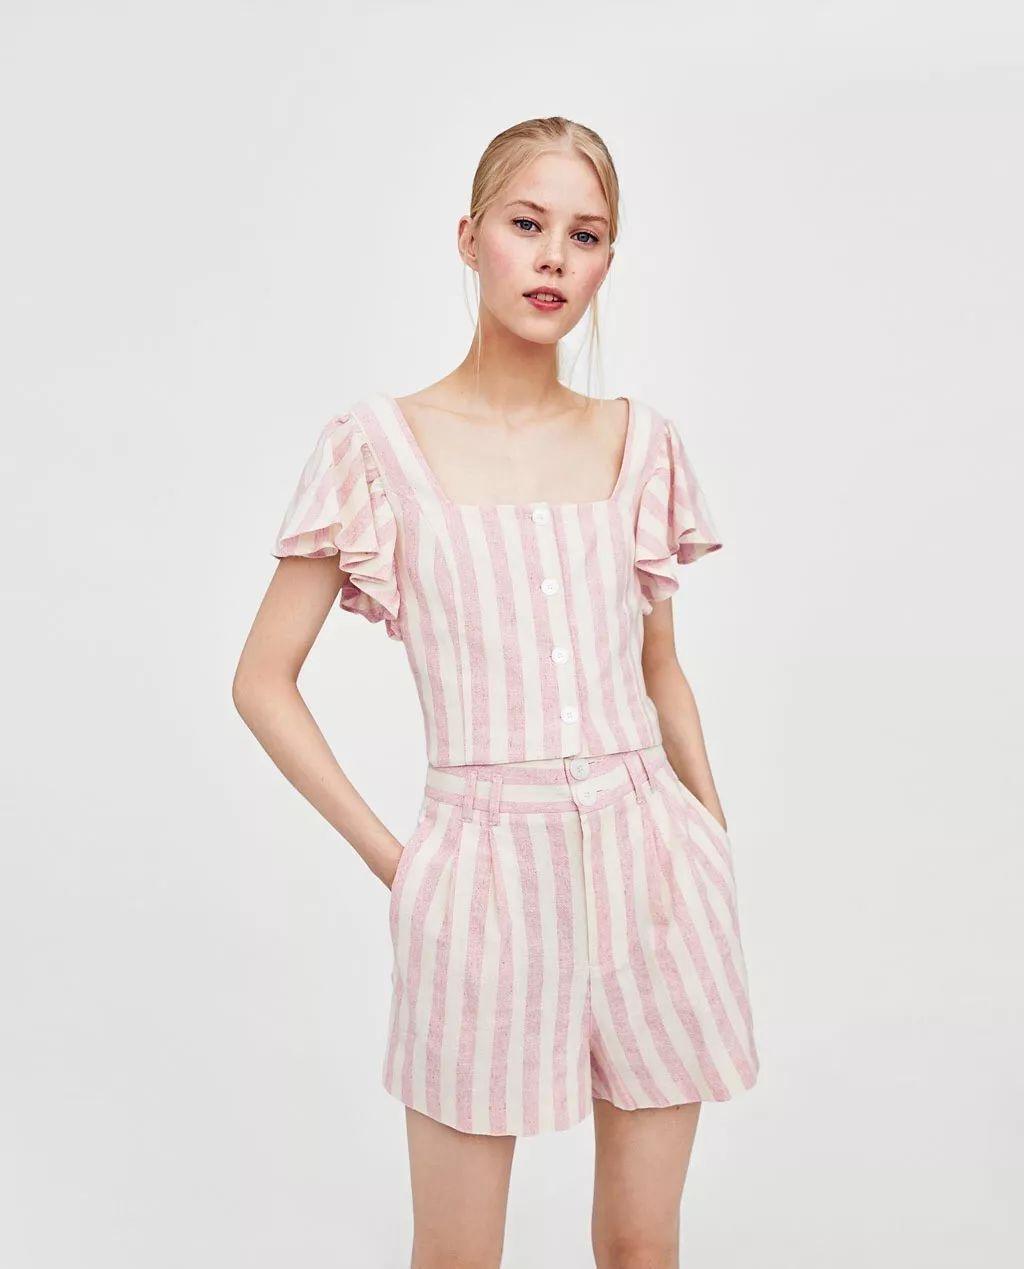 我网购了13款zara衣服,发现这5套最值得买